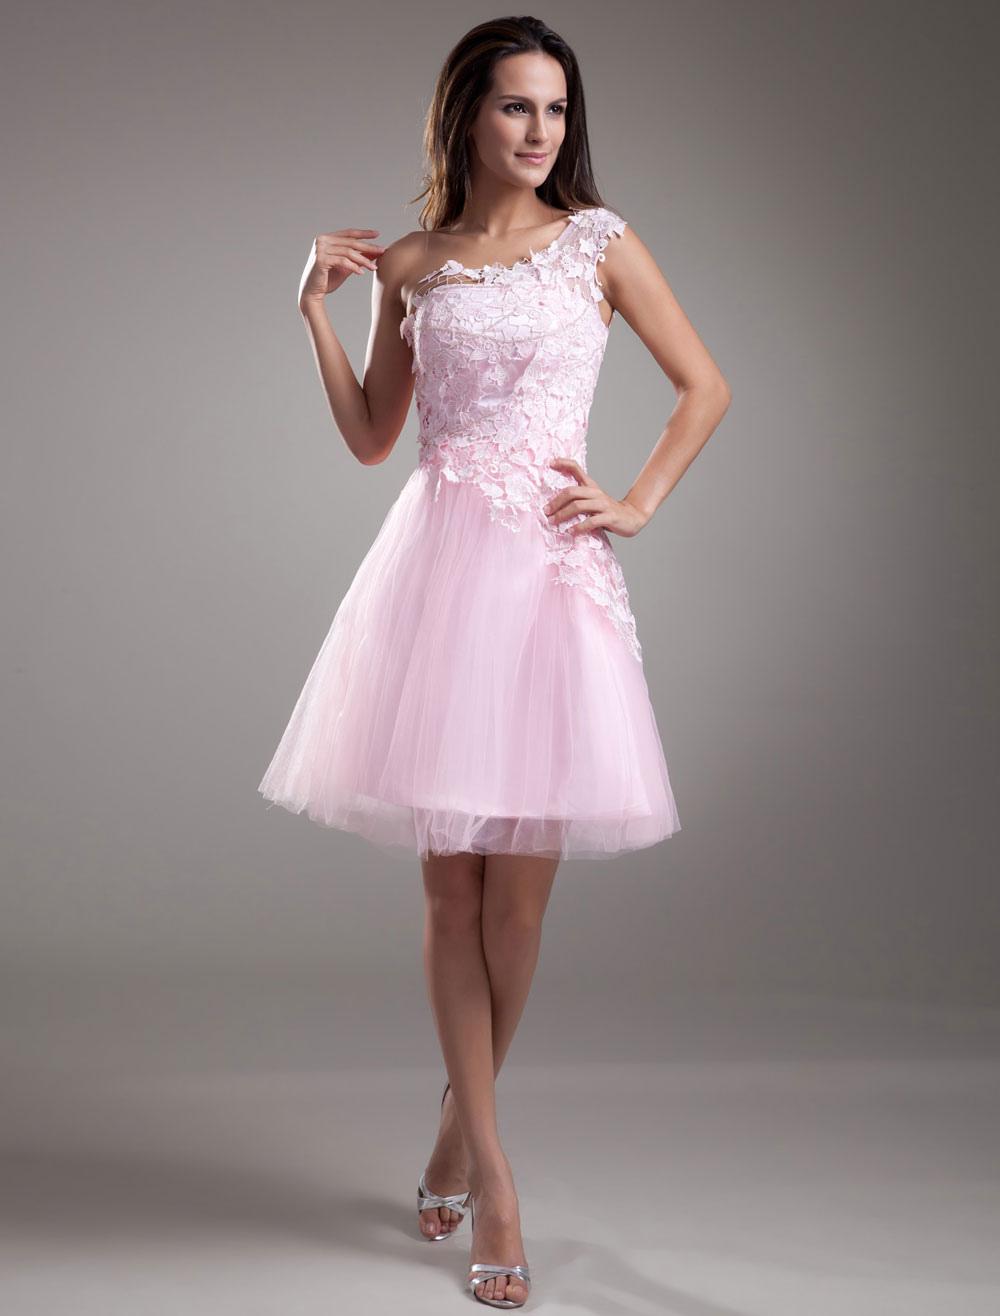 emballage fort bonne texture boutique officielle Robe de soirée pas chère 2019 Dentelle robe de Cocktail Prom courte une  épaule robe rose Tulle Party Dress